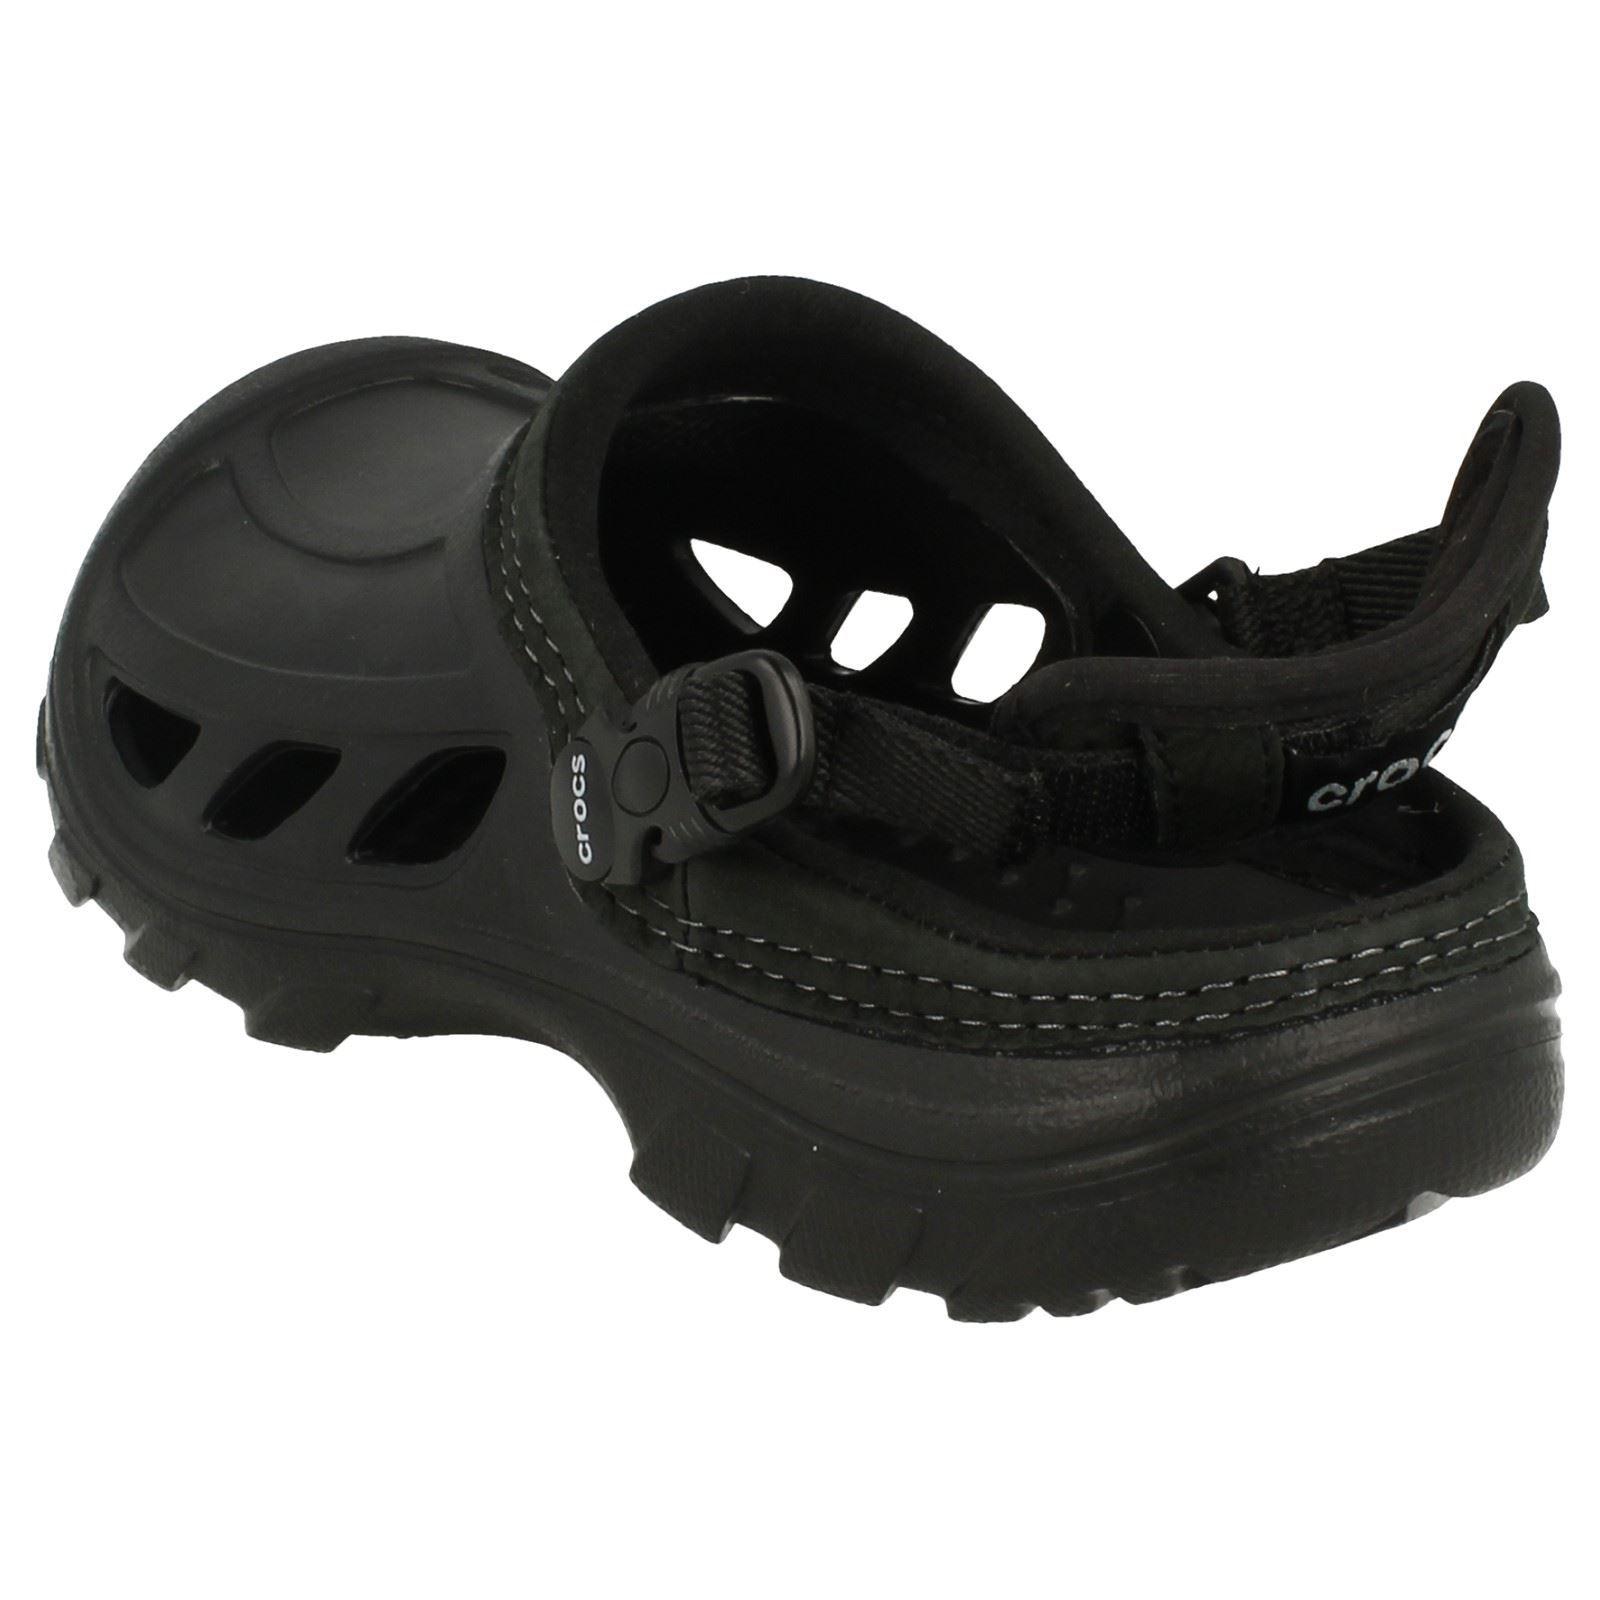 Crostrail Zuecos Hombres Negro On Crocs Hombres Slip qwxFUCg